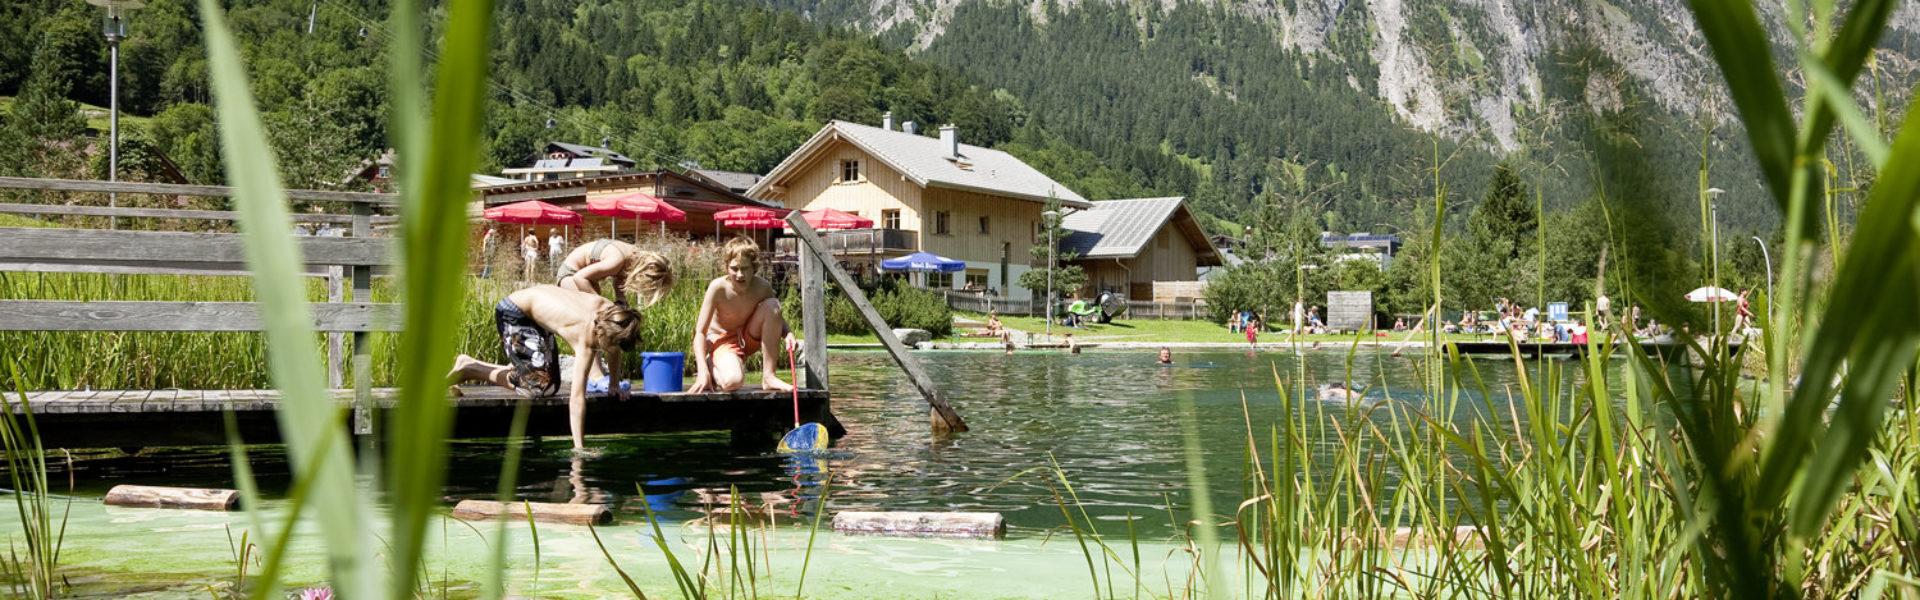 Naturbadesee Brand © Dietmar Walser / Alpenregion Bludenz Tourismus